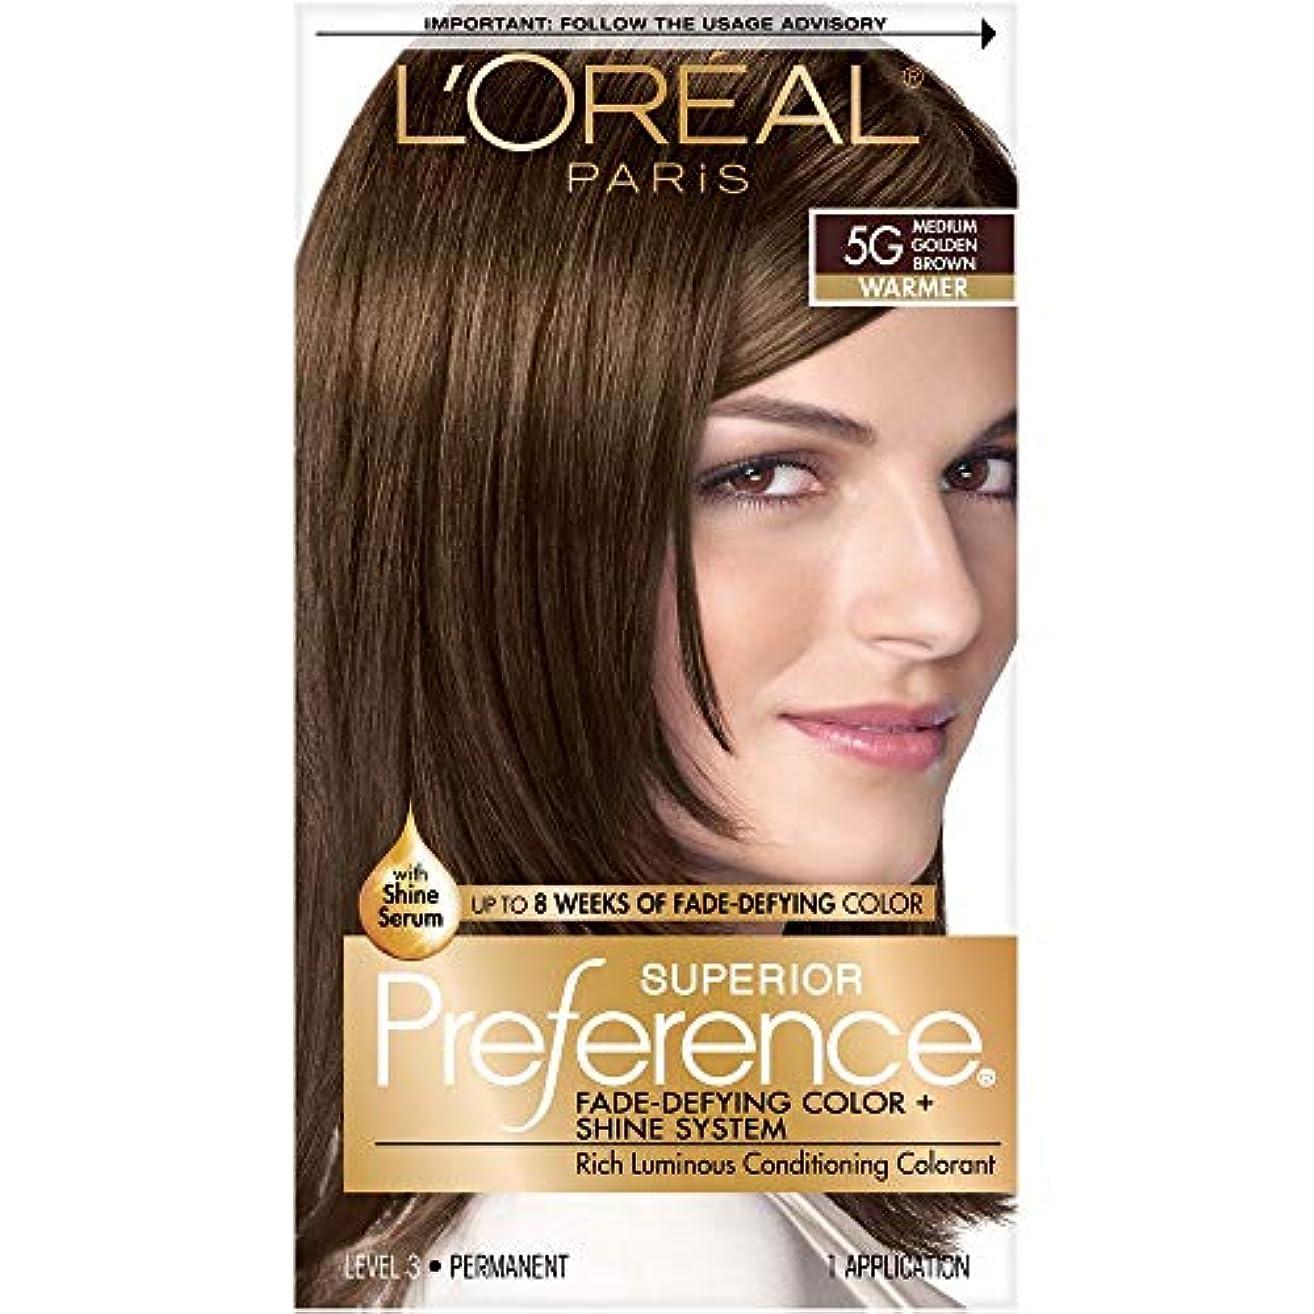 散らす書き出すヘア海外直送肘 LOreal Superior Preference Hair Color 5G Medium Golden Brown, Medium Golden Brown 1 each